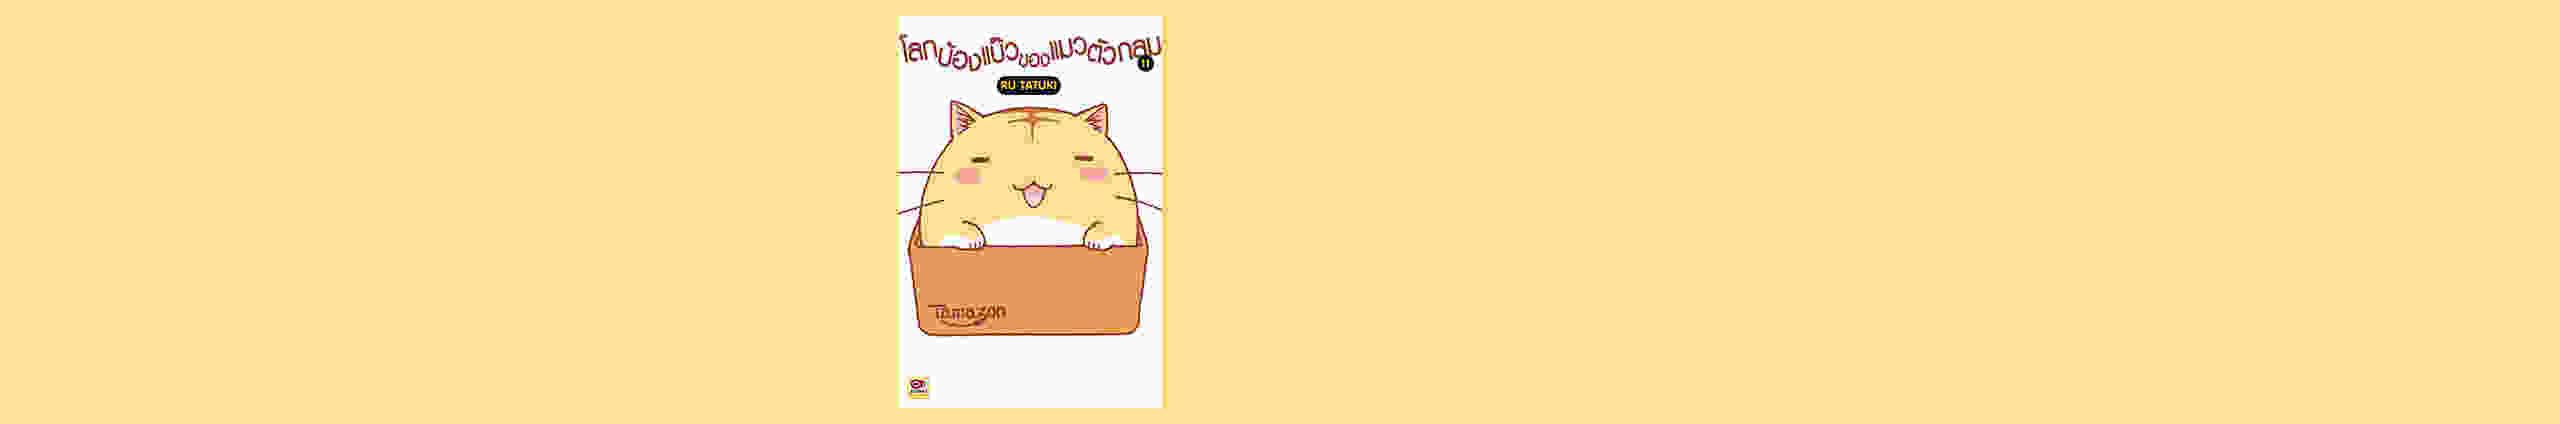 โลกบ๊องแบ๊วของแมวตัวกลม